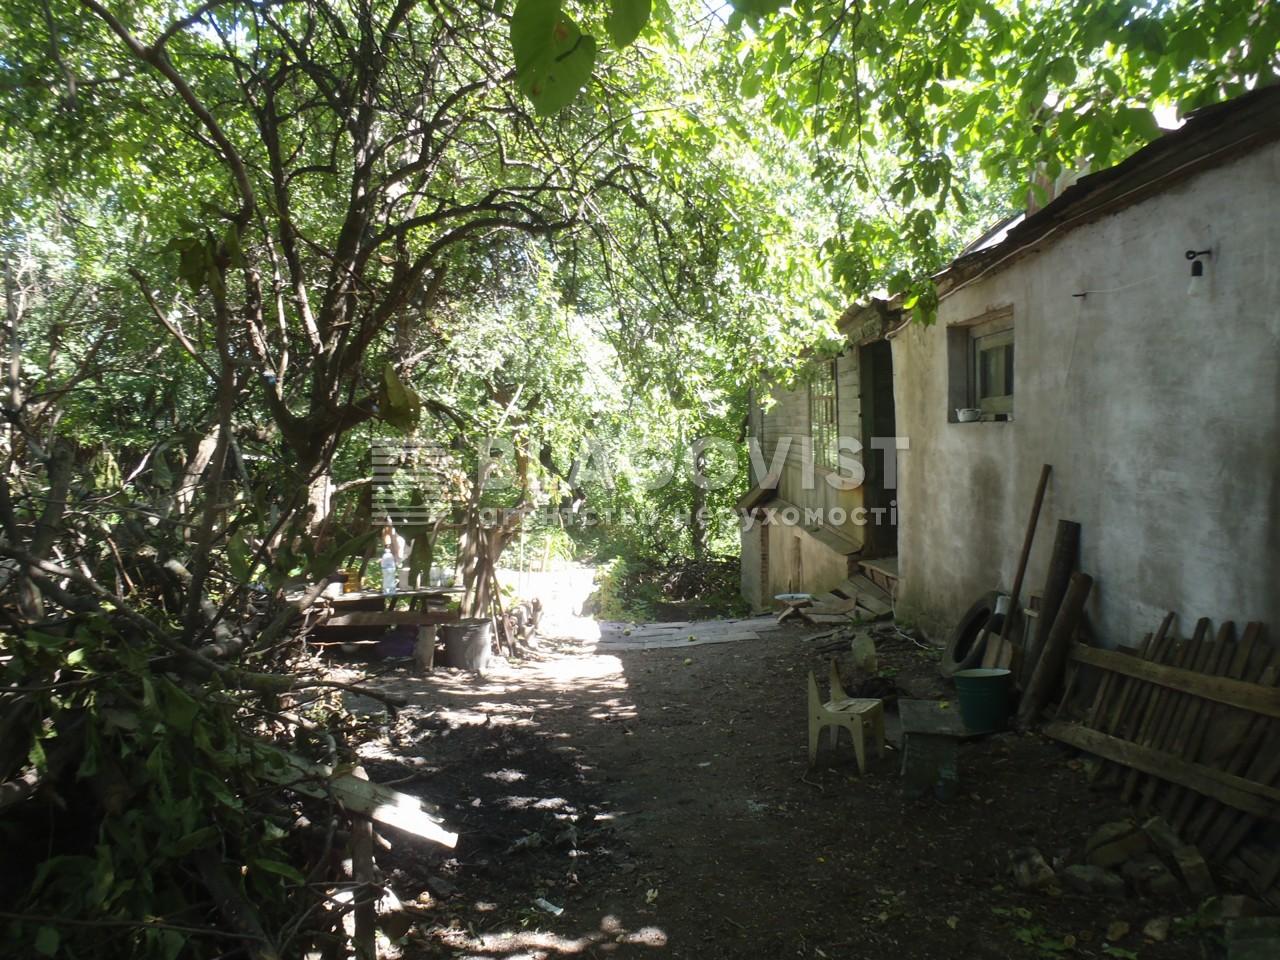 Земельный участок Z-568886, Макаровская, Киев - Фото 3